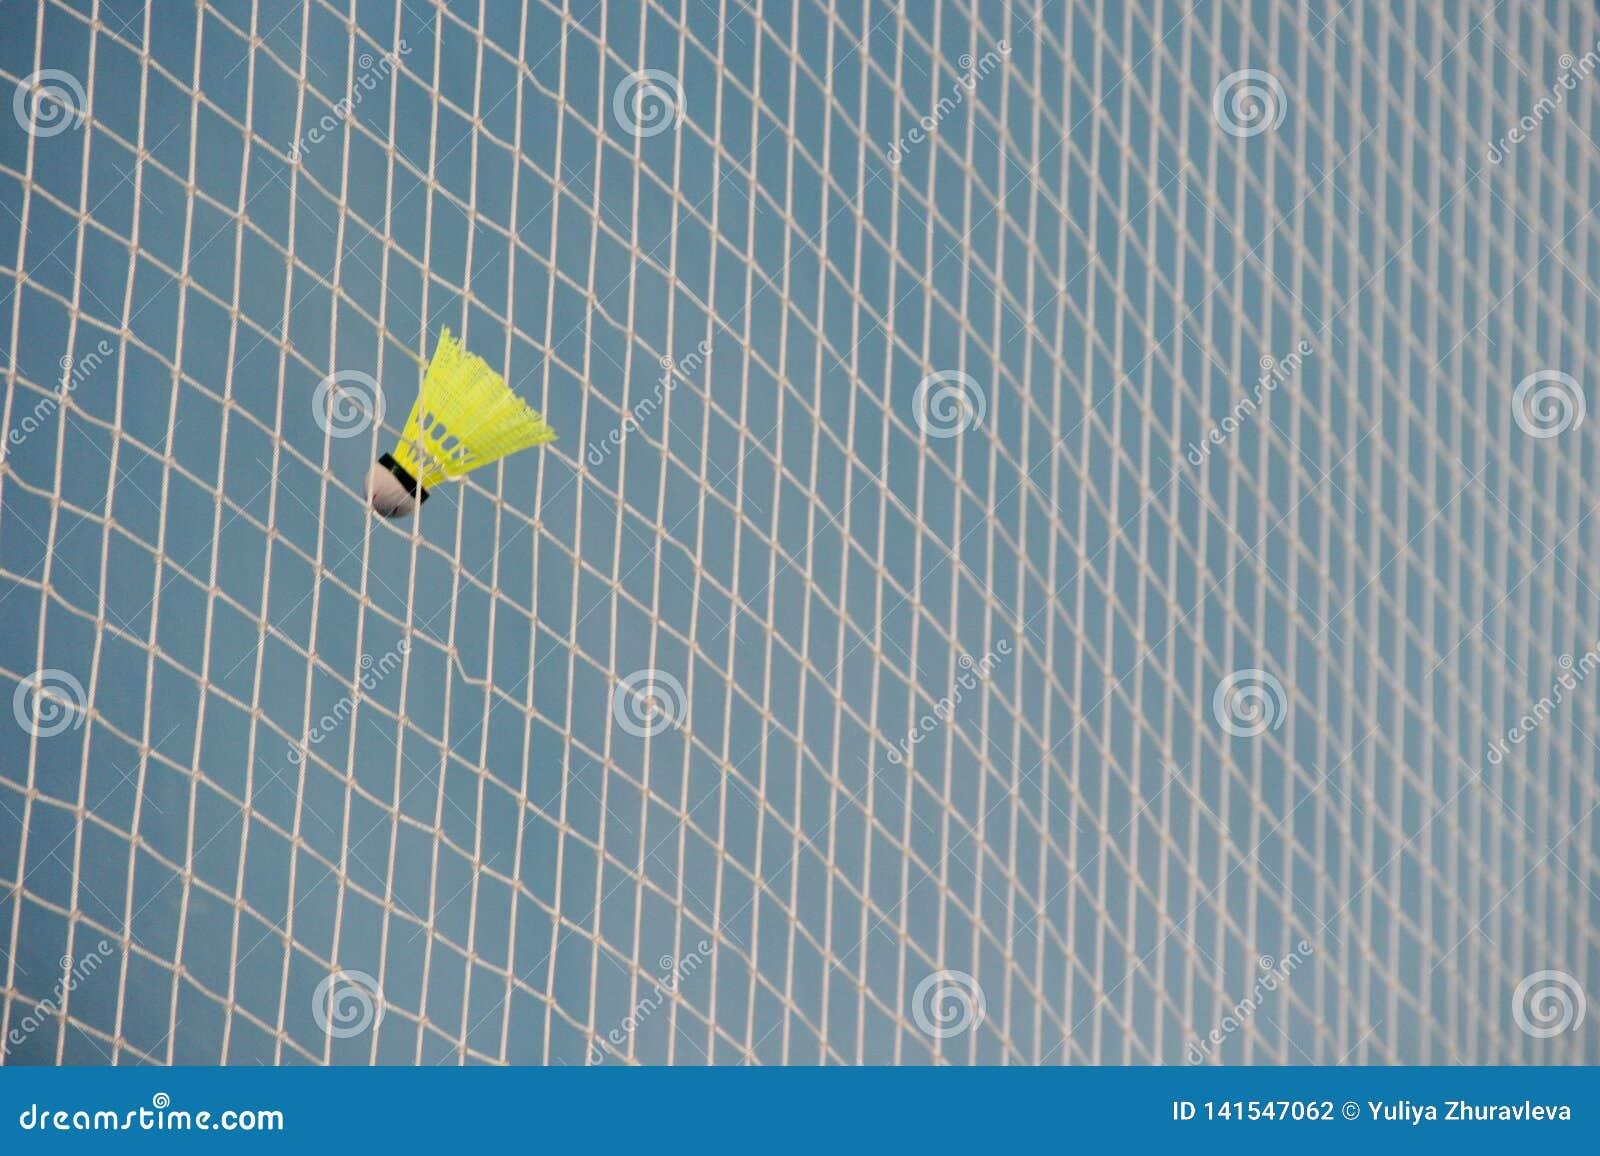 Peteca em um badminton da grade